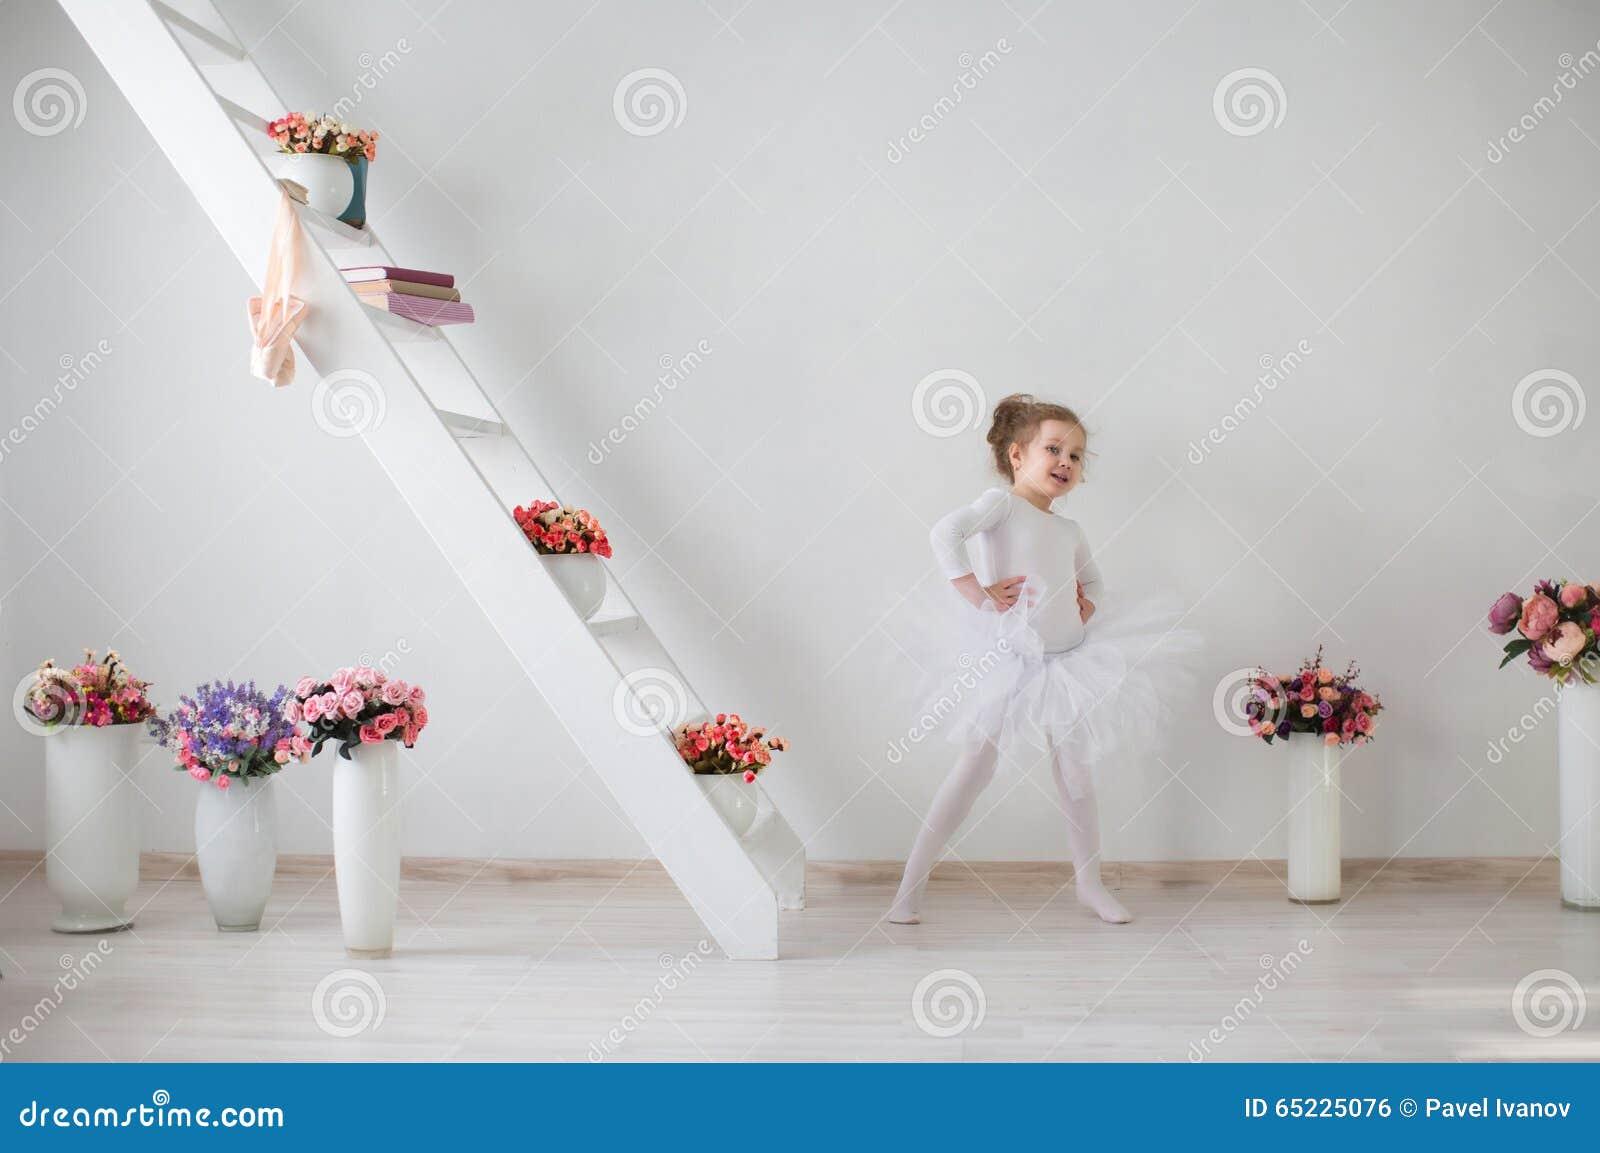 Mały śliczny balerina taniec w wnętrzu